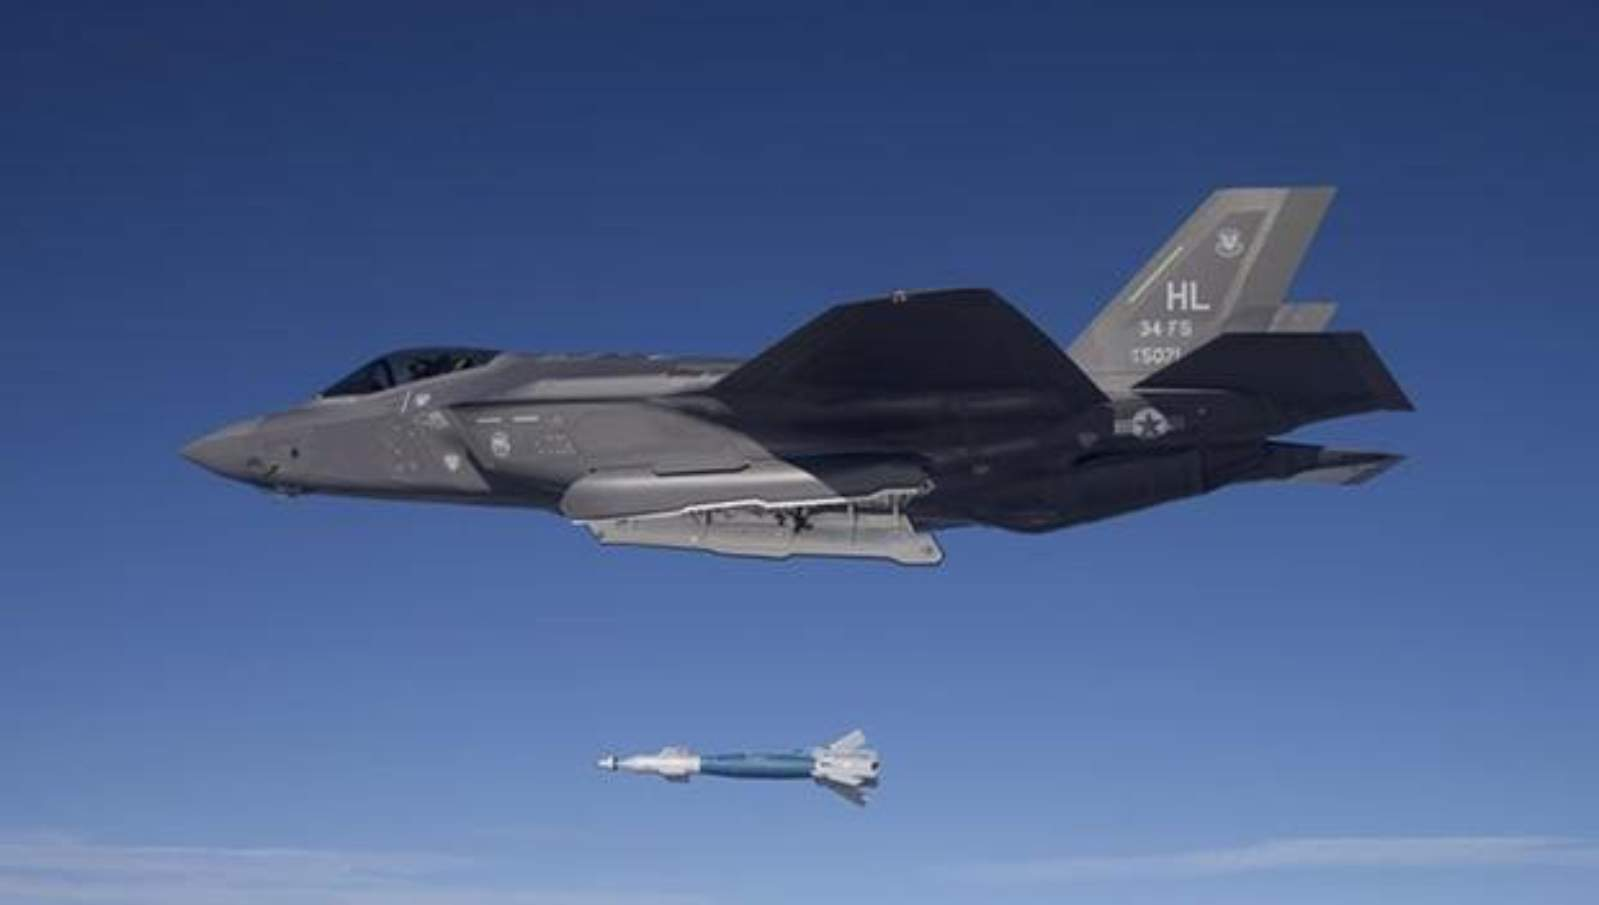 Jika F-35 ditujukan ke Suriah pengalaman Israel bisa dimanfaatkan AS